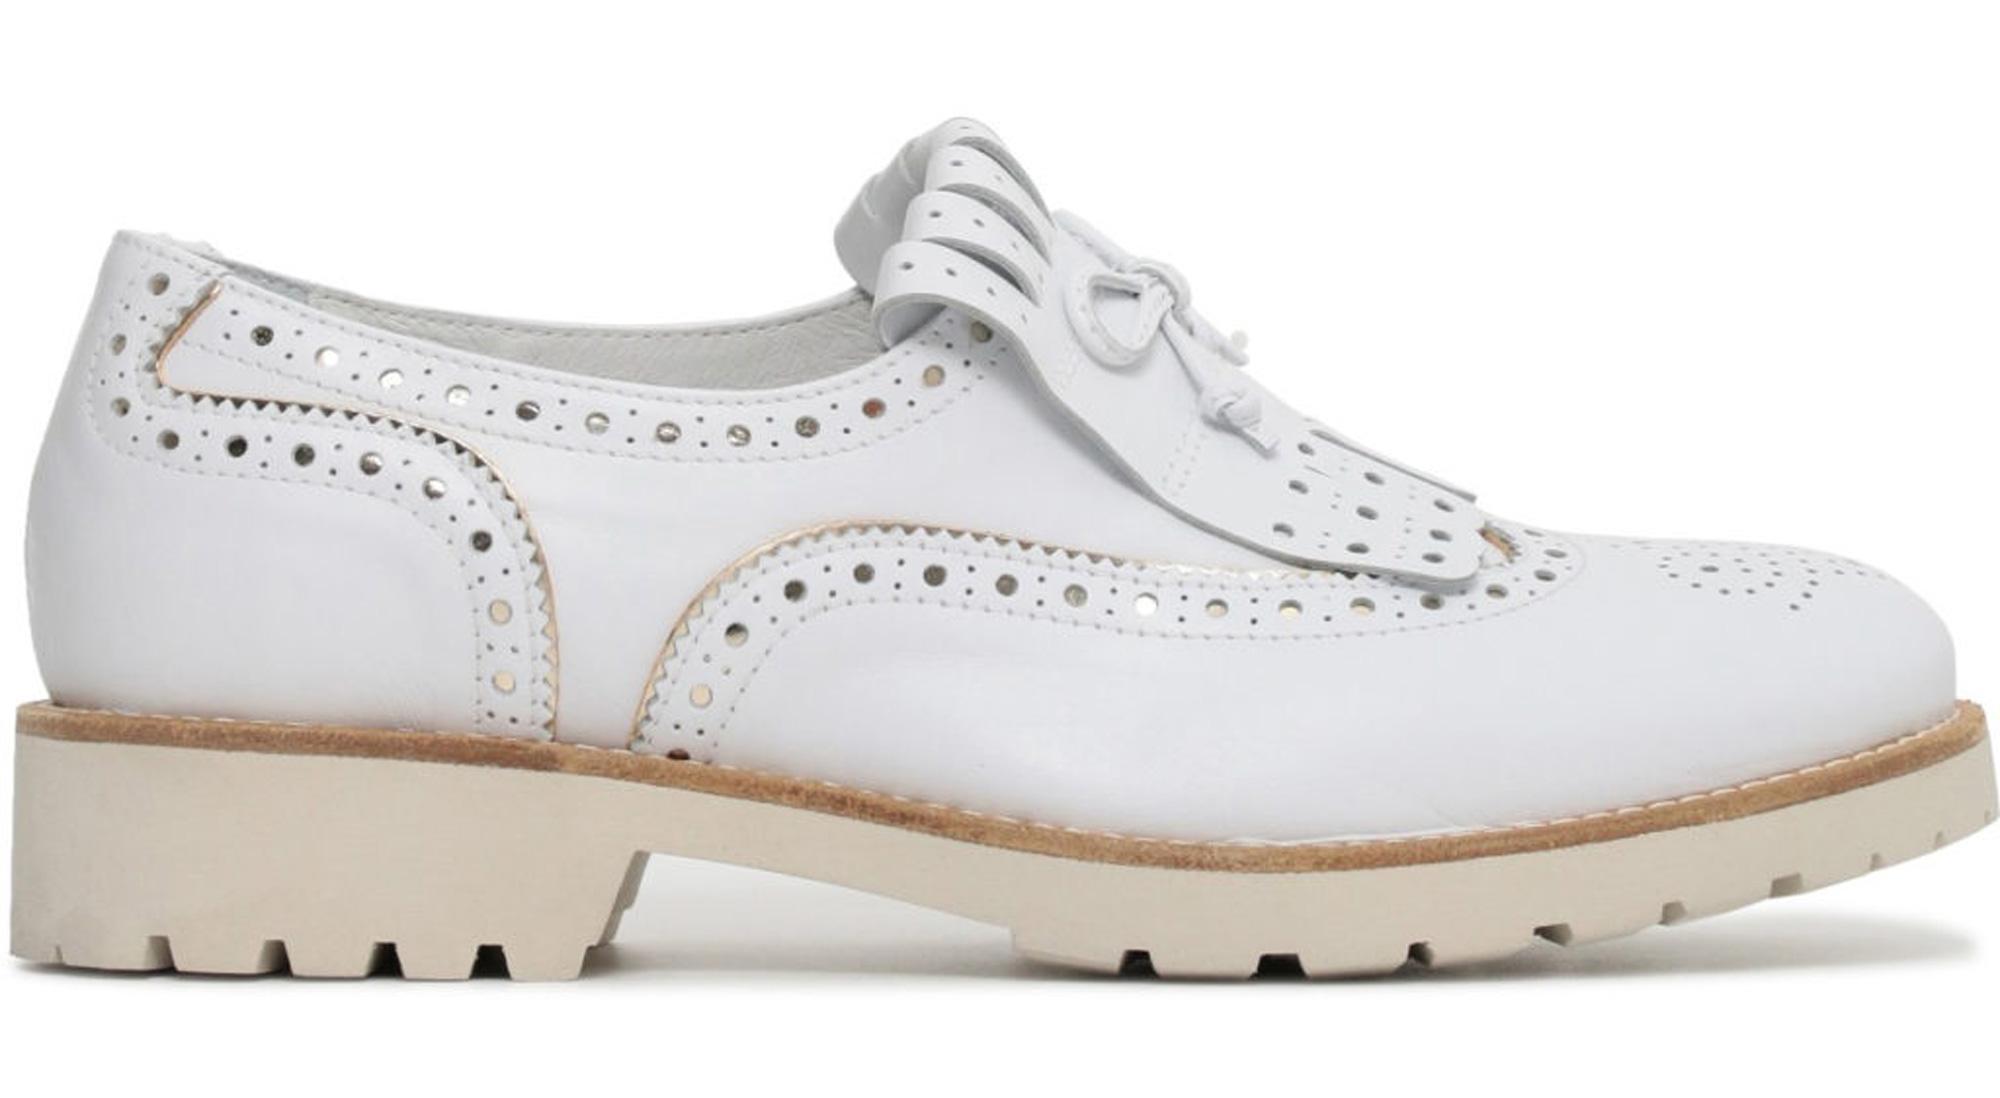 Mocassini in pelle Nero Giardini P805030D-707 5030 scarpe donna bianche 55ec7ff54d1